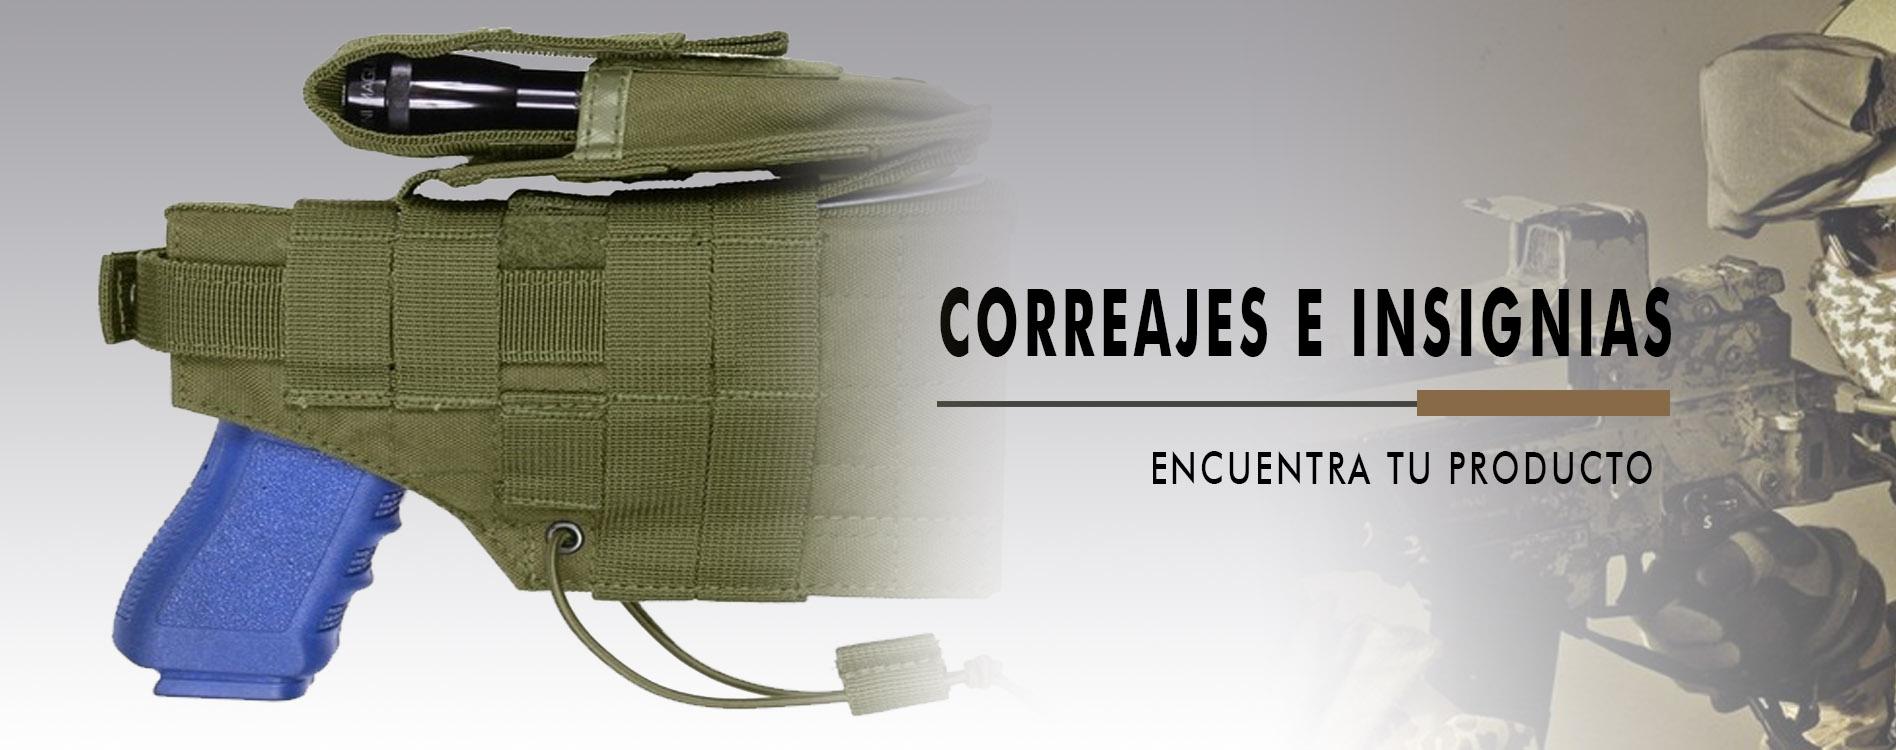 CORREAJES5